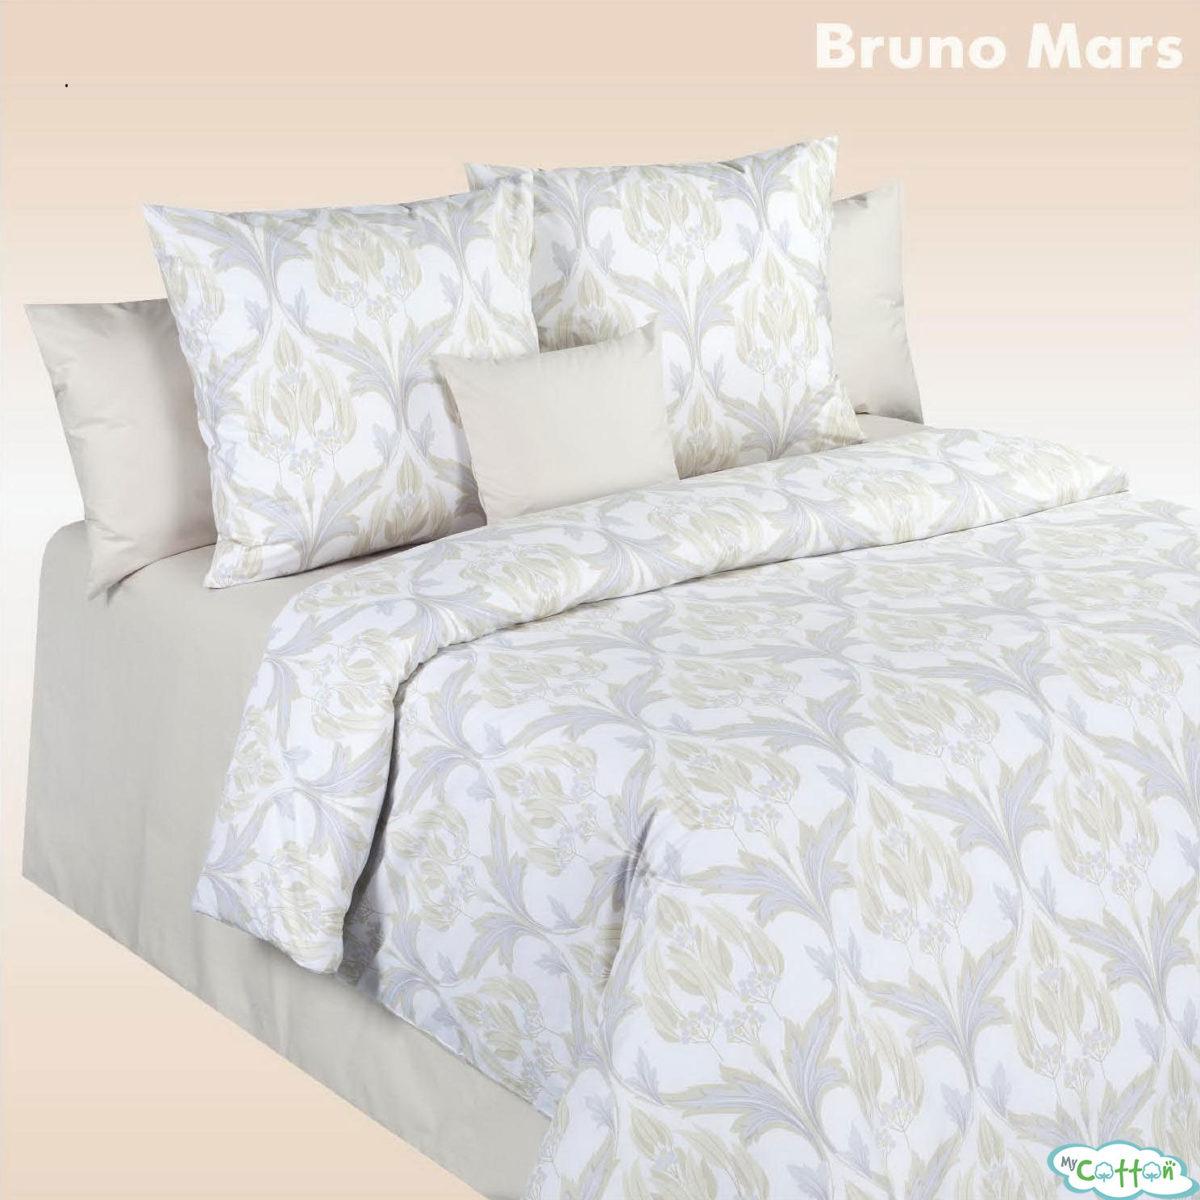 Постельное белье Bruno Mars (Бруно Марс) Валенсия (Valencia)